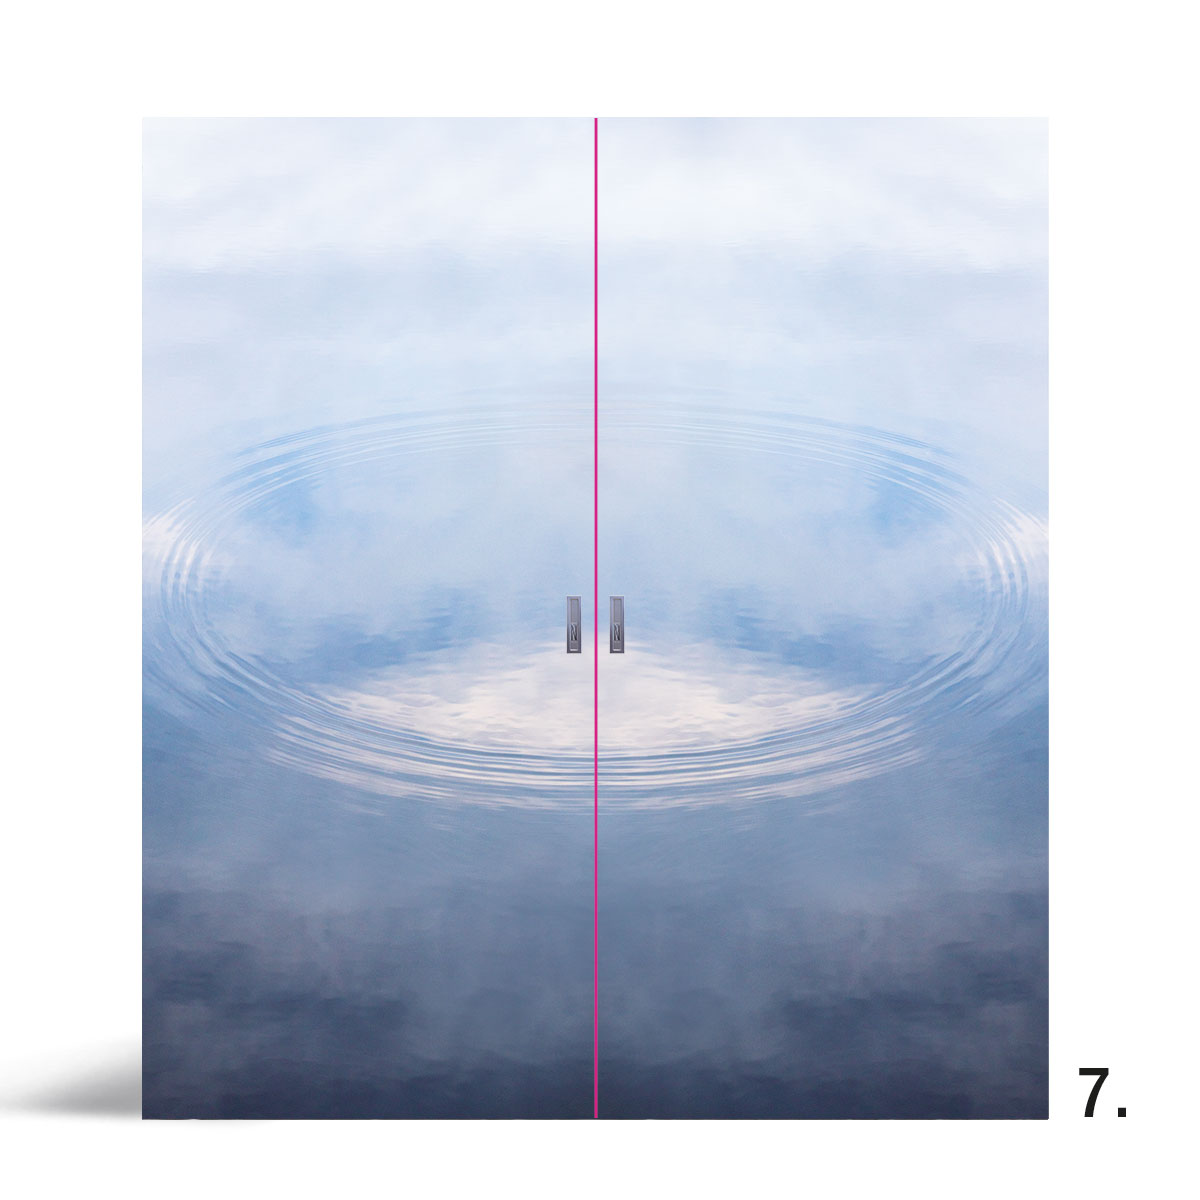 Liune Taide - D20 by Nina Kellokoski - Pisara II pariovi